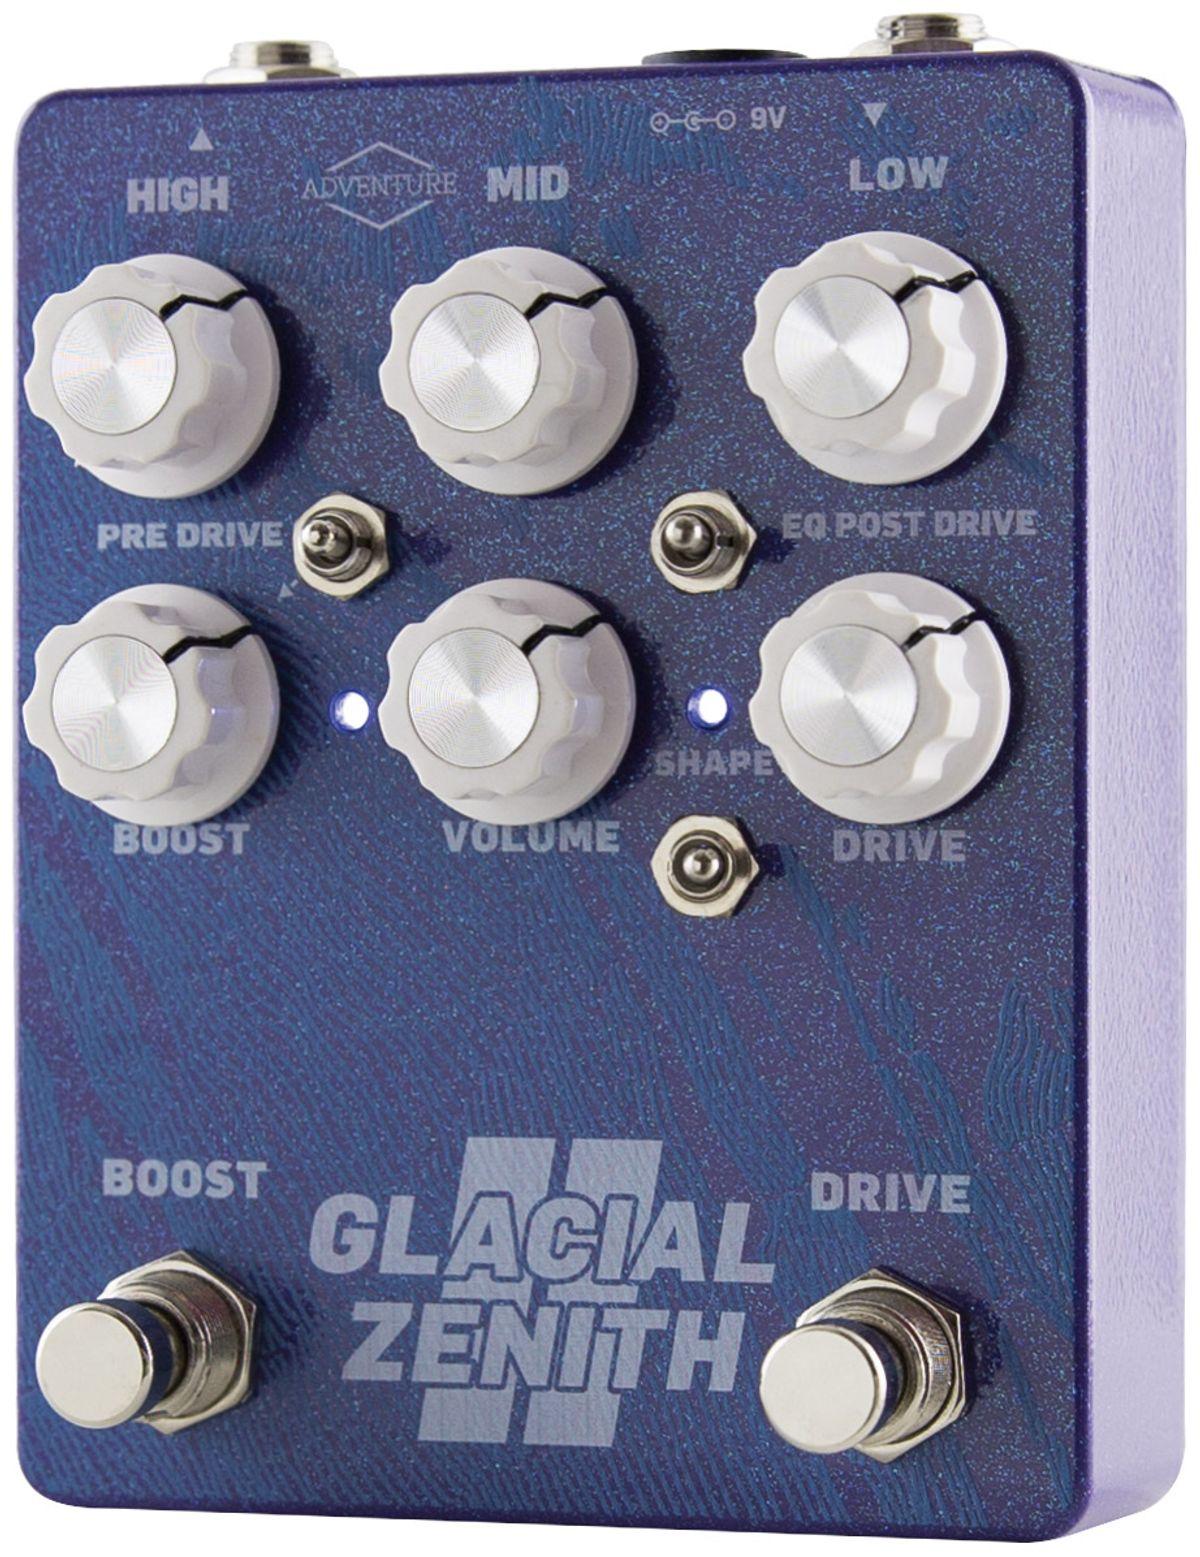 Quick Hit: Adventure Audio Glacial Zenith II Review